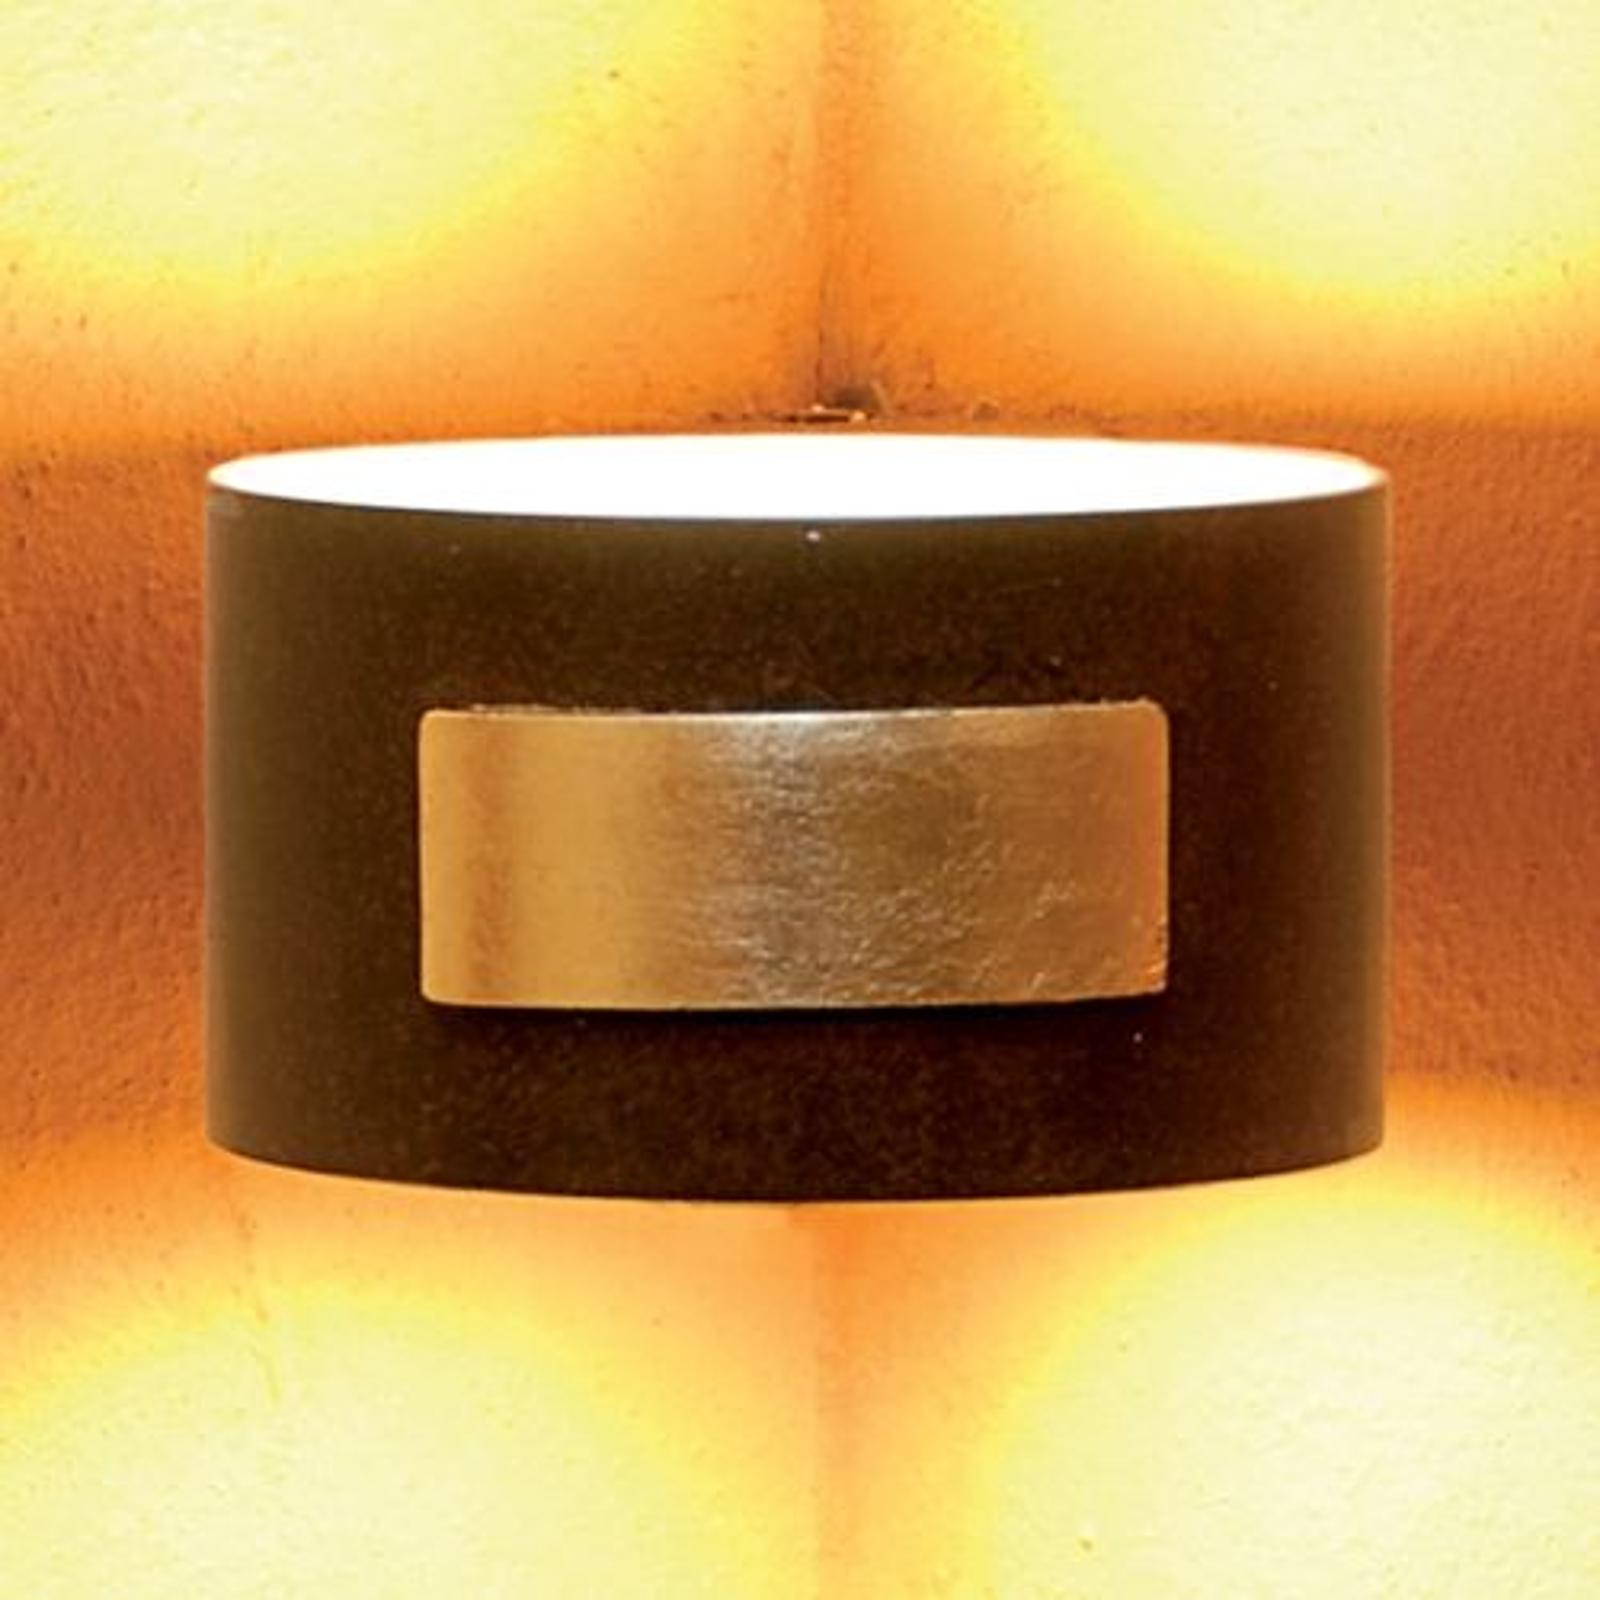 Vägglampa SMALL för montering i hörn rostbrun/guld